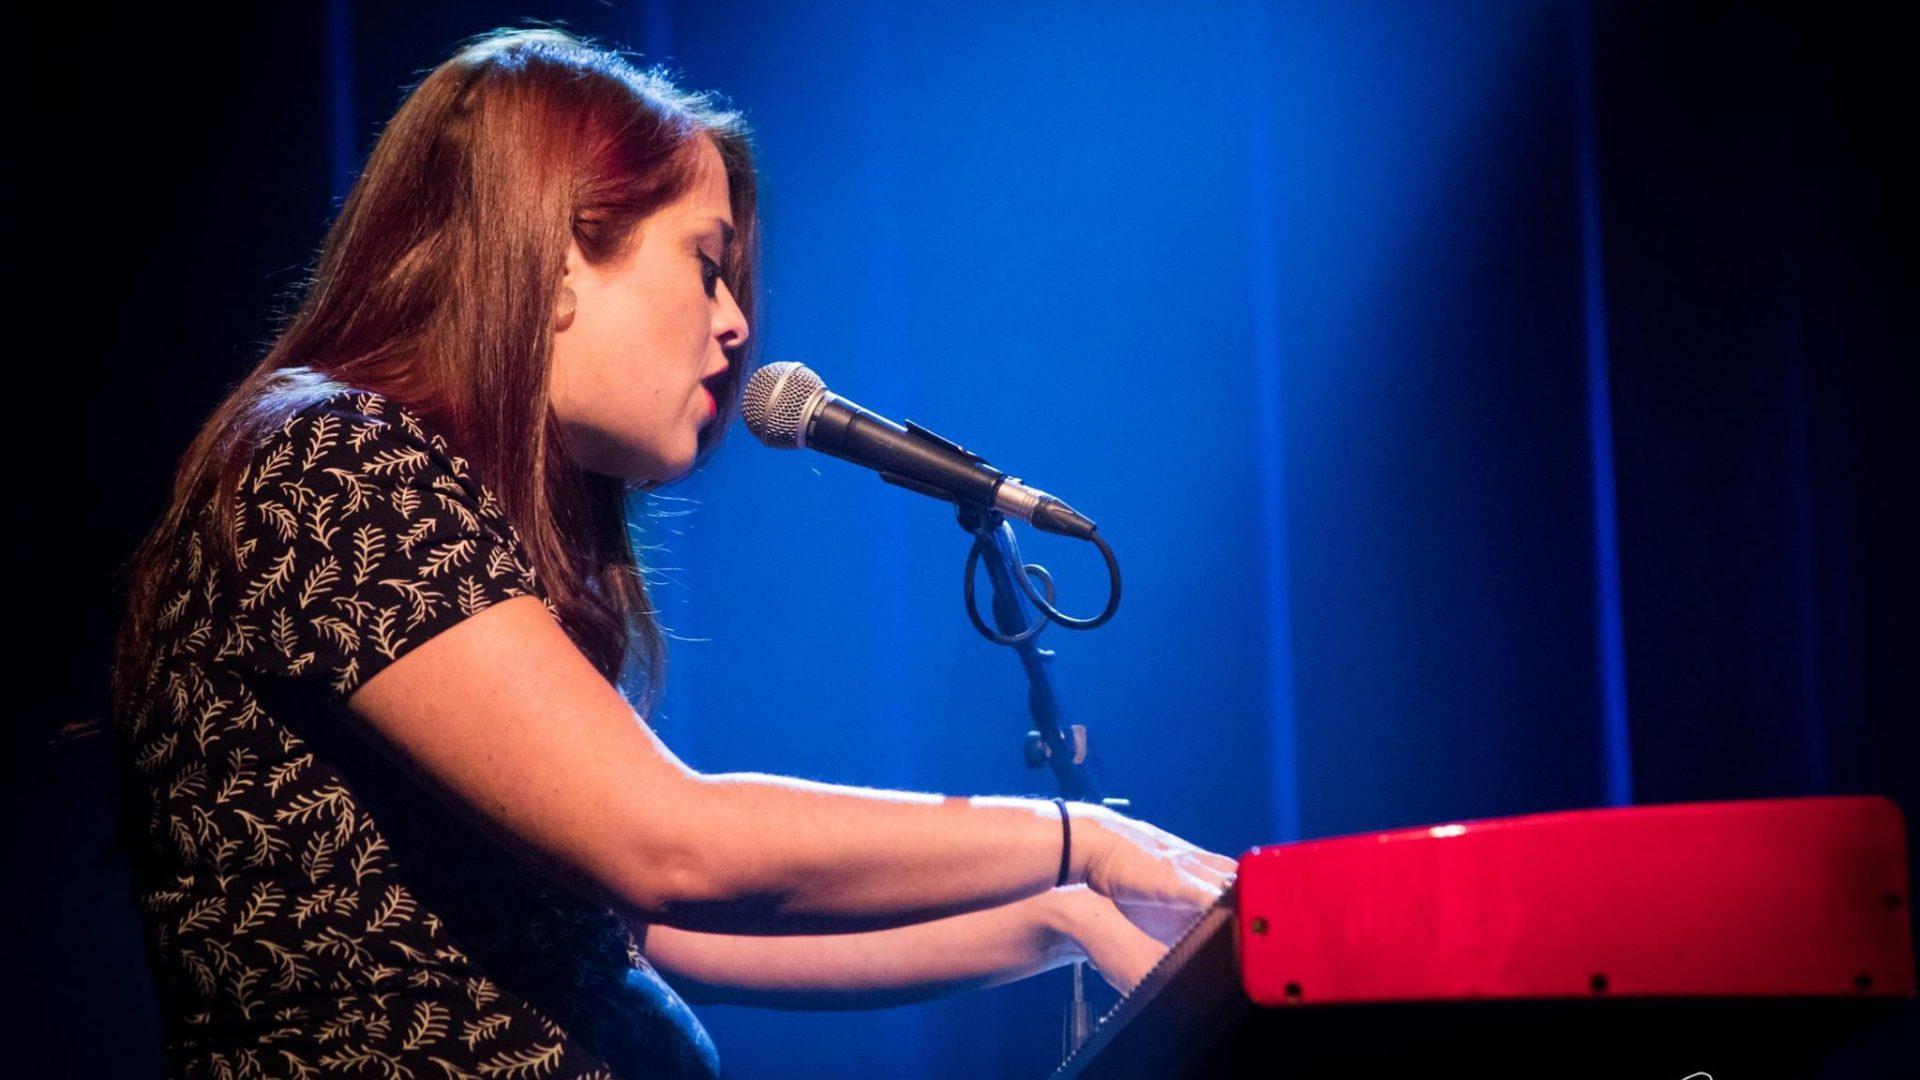 Laura Gabrielle Chanteuse pop rétro